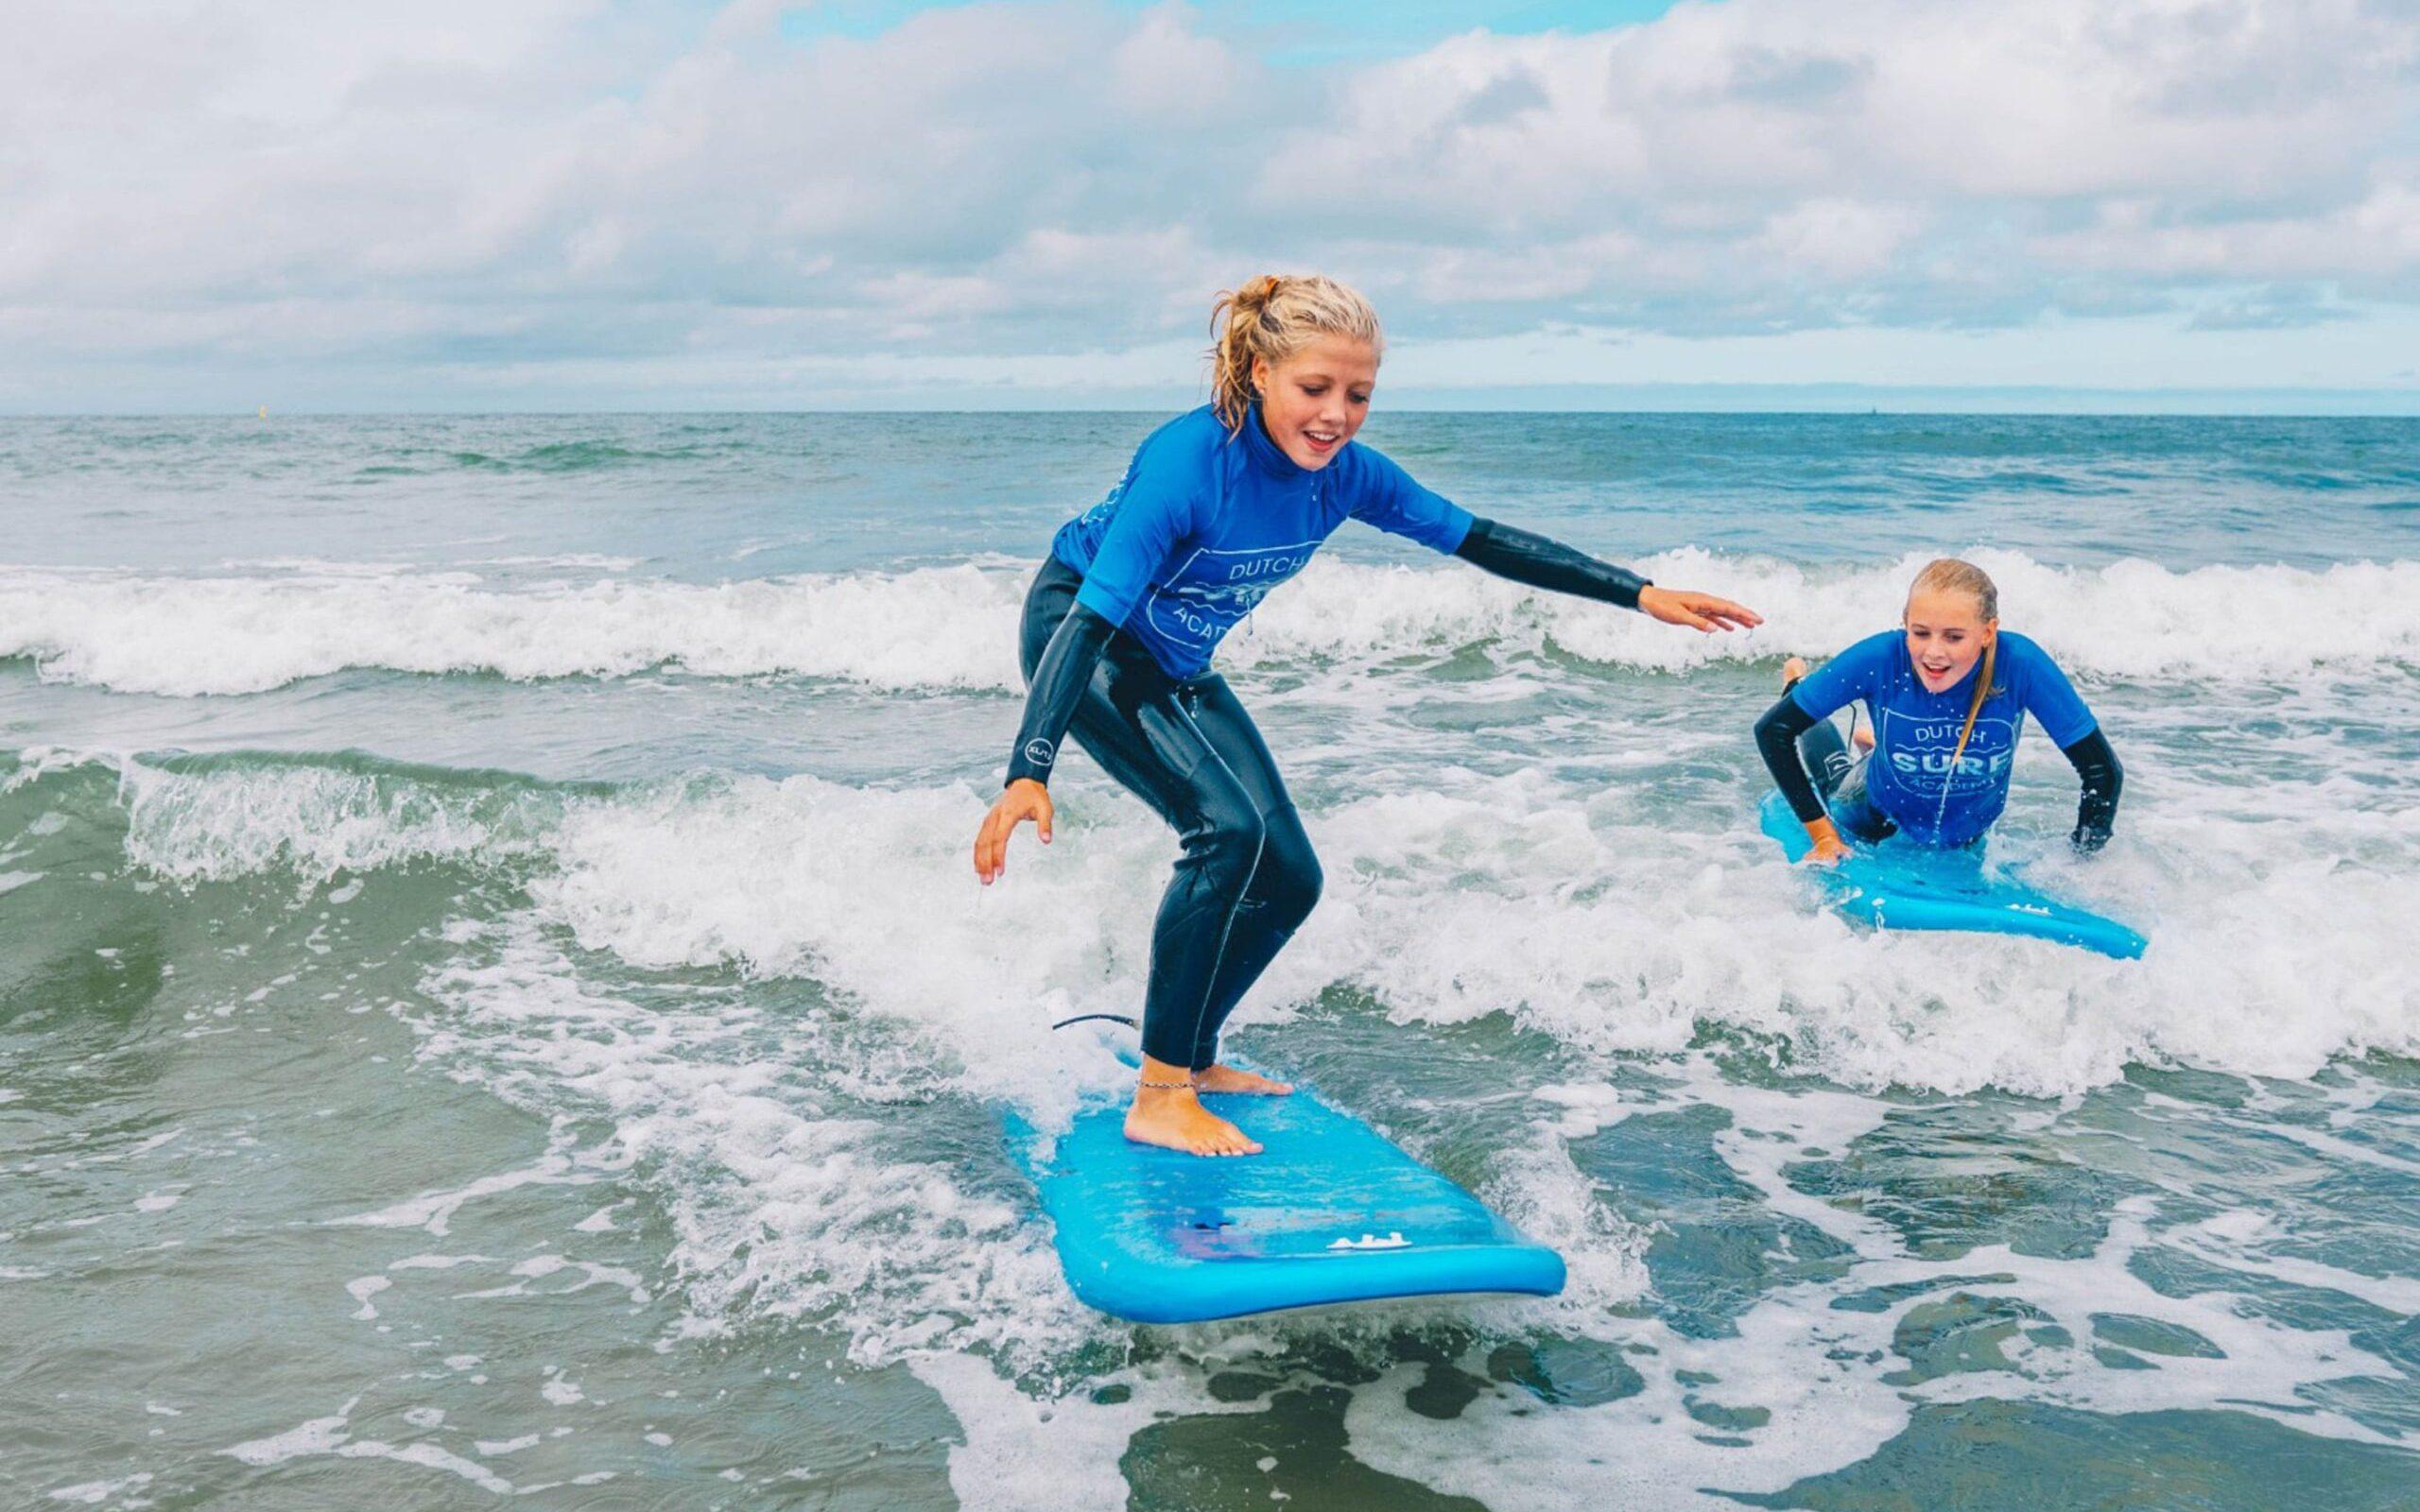 Surfles van twee meiden